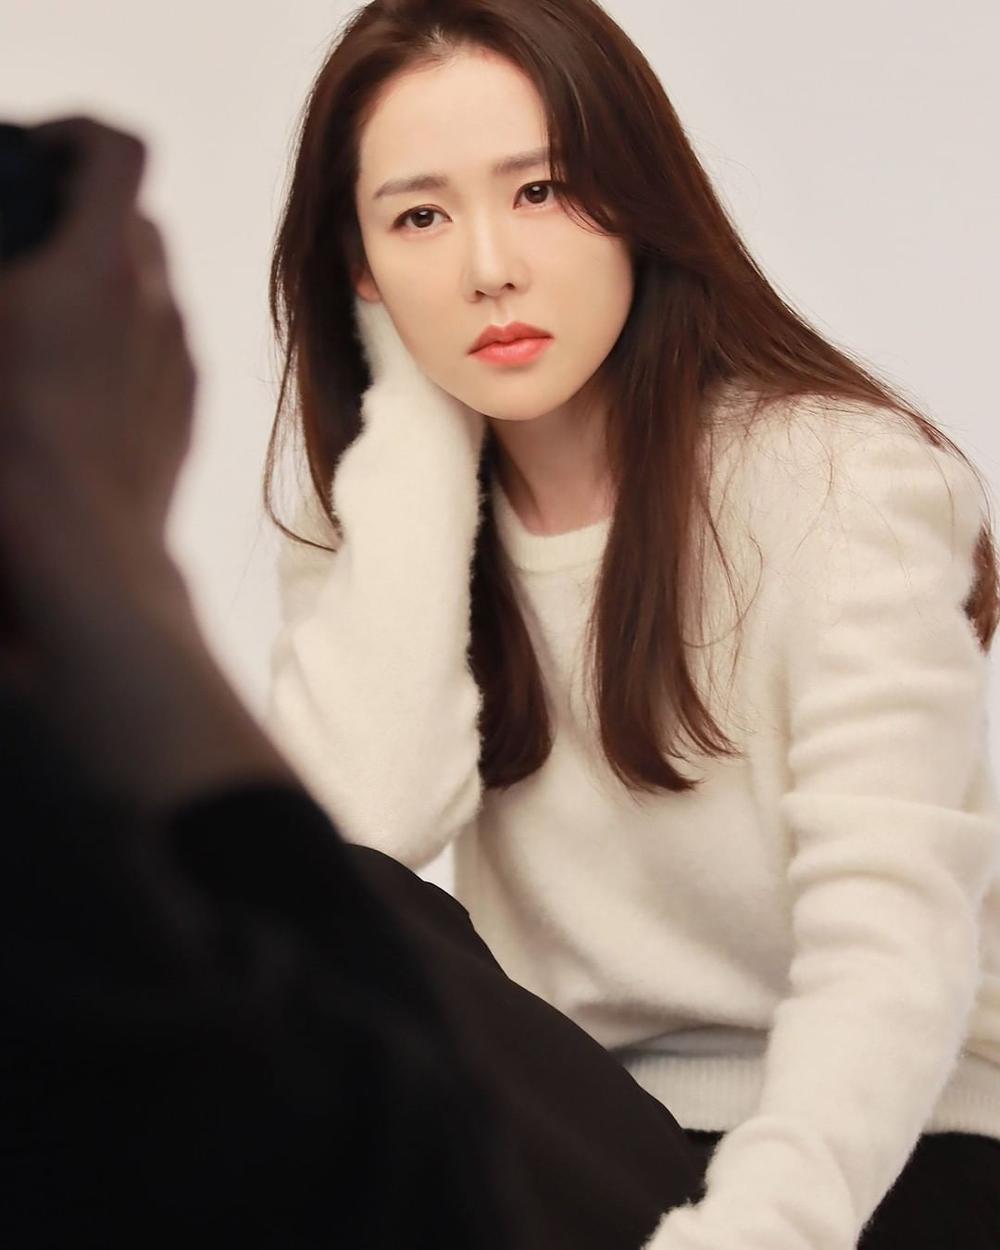 Son Ye Jin khoe nhan sắc đỉnh cao trong bộ ảnh mới: Trẻ mãi không già là đây Ảnh 1